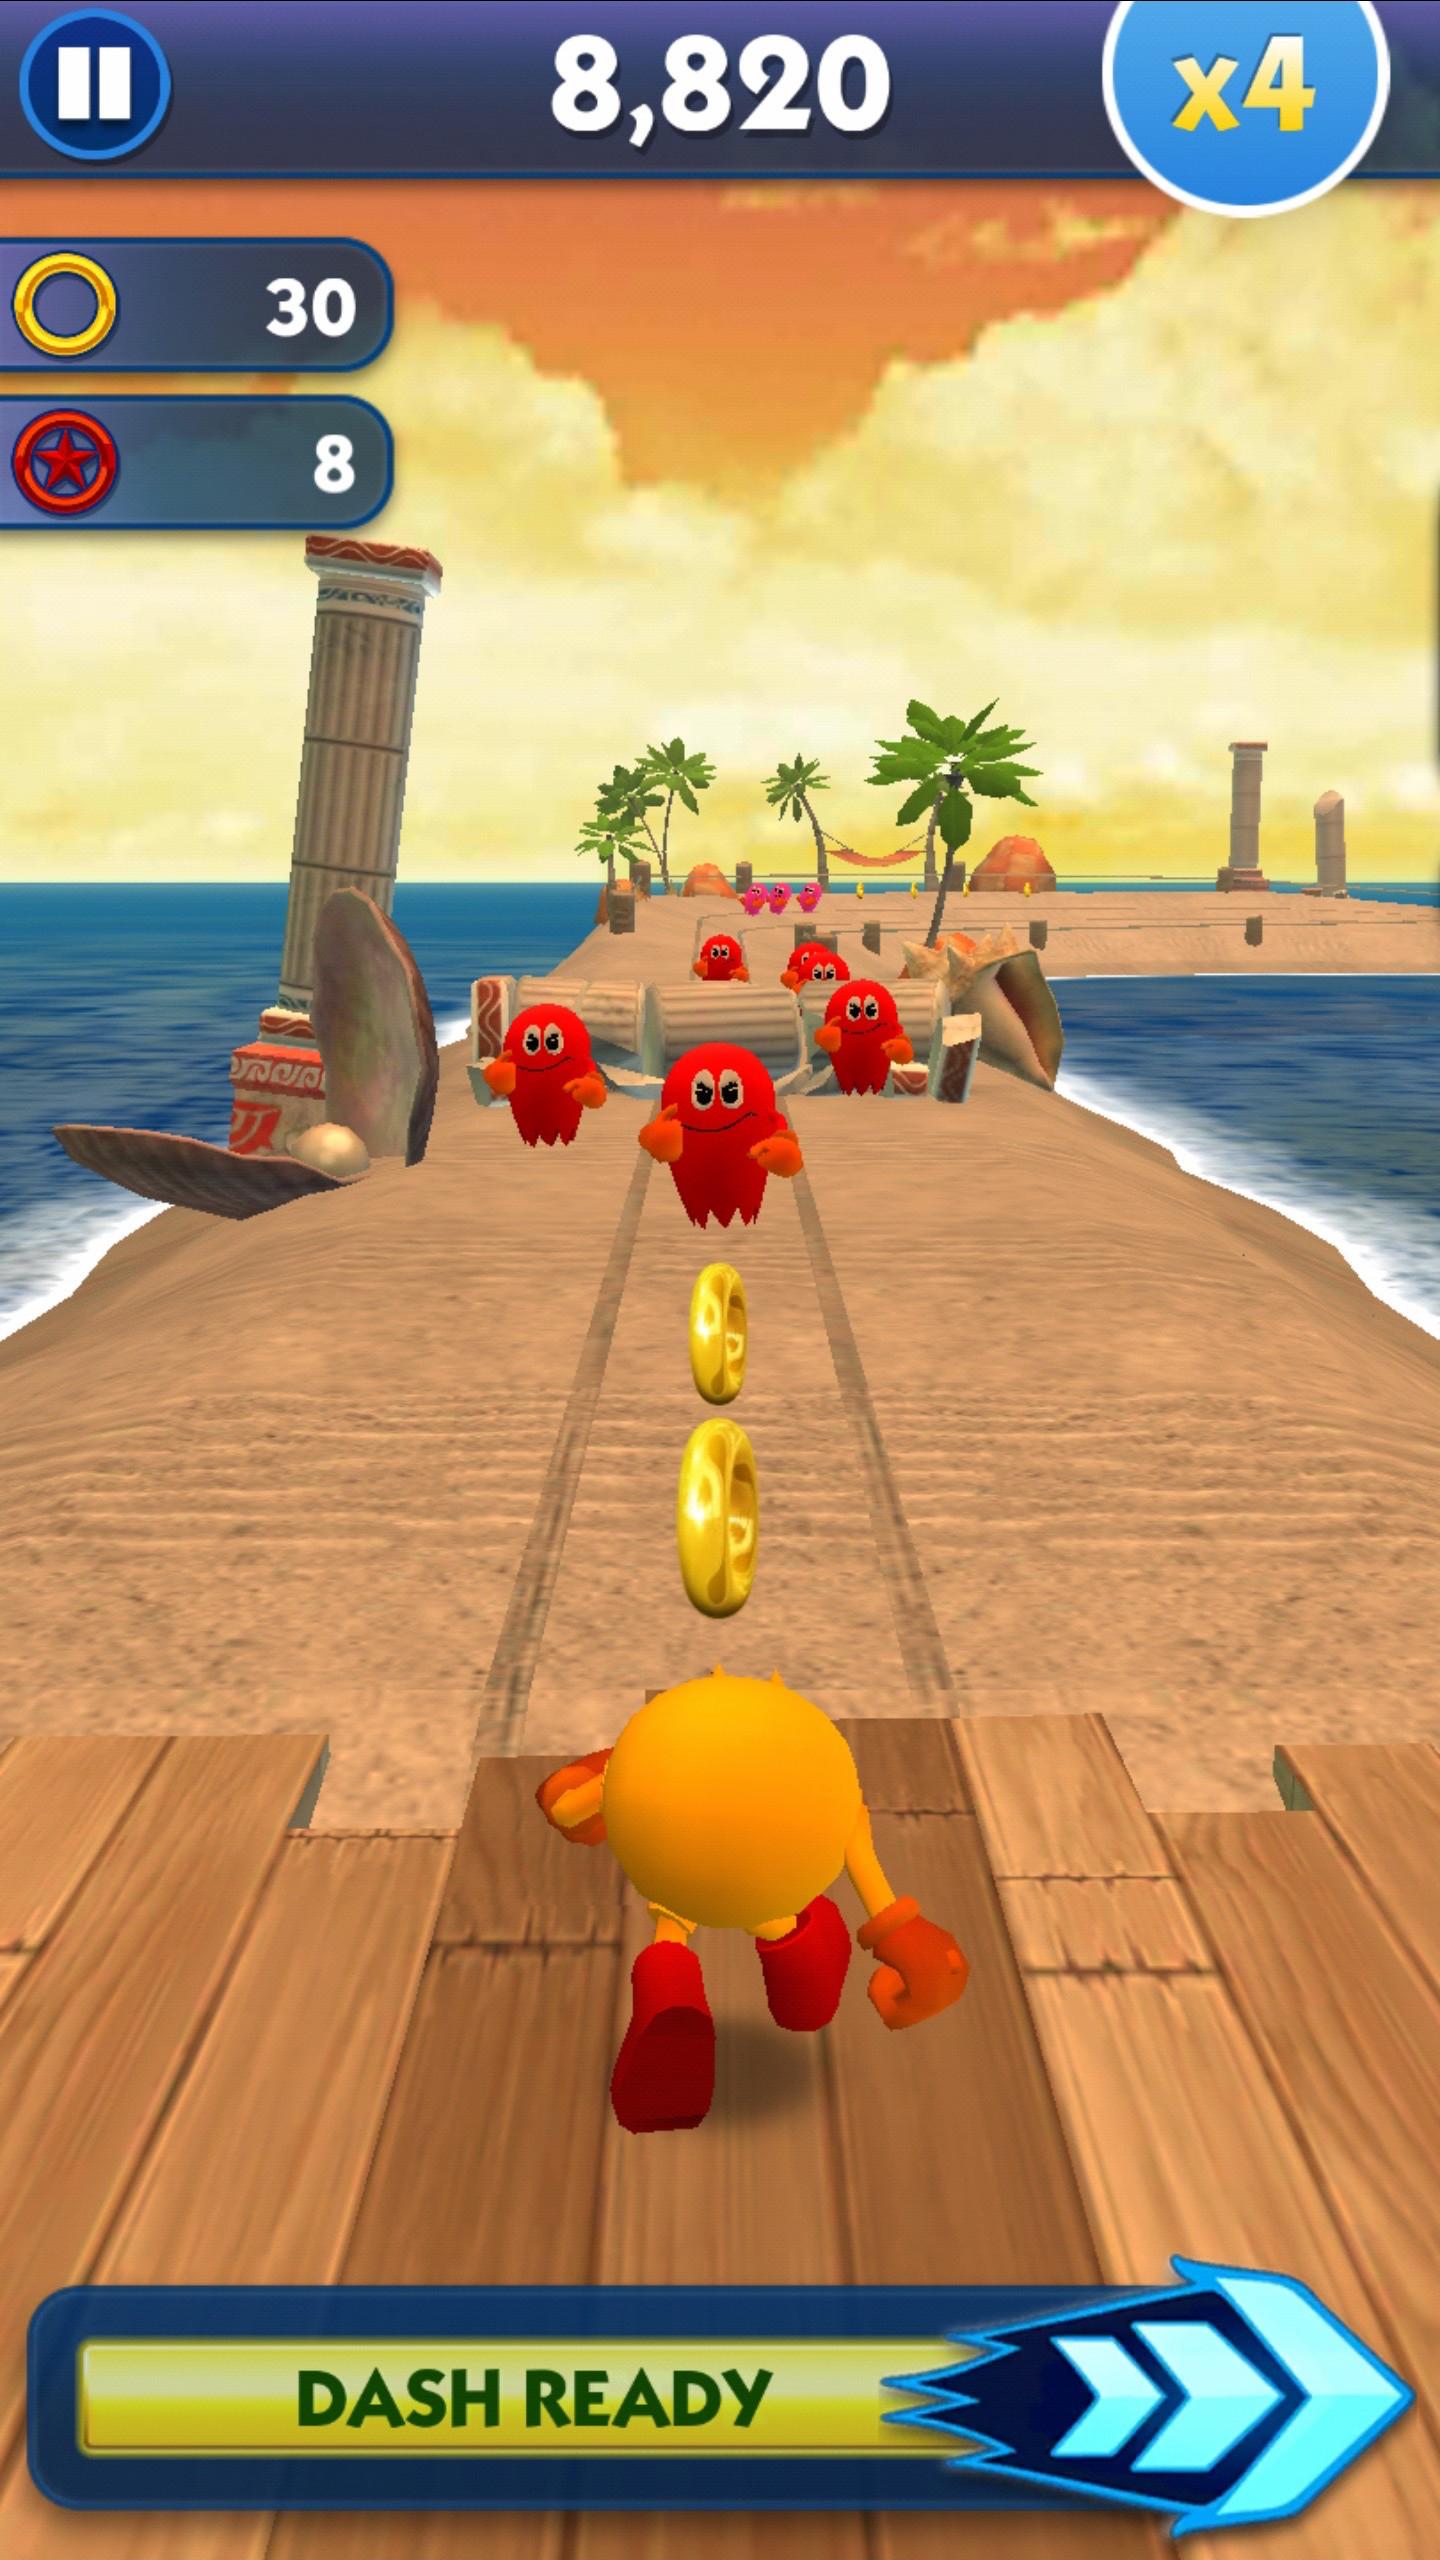 Sonic_Dash_featuring_PAC-MAN_-_Screenshot_04_1519039121